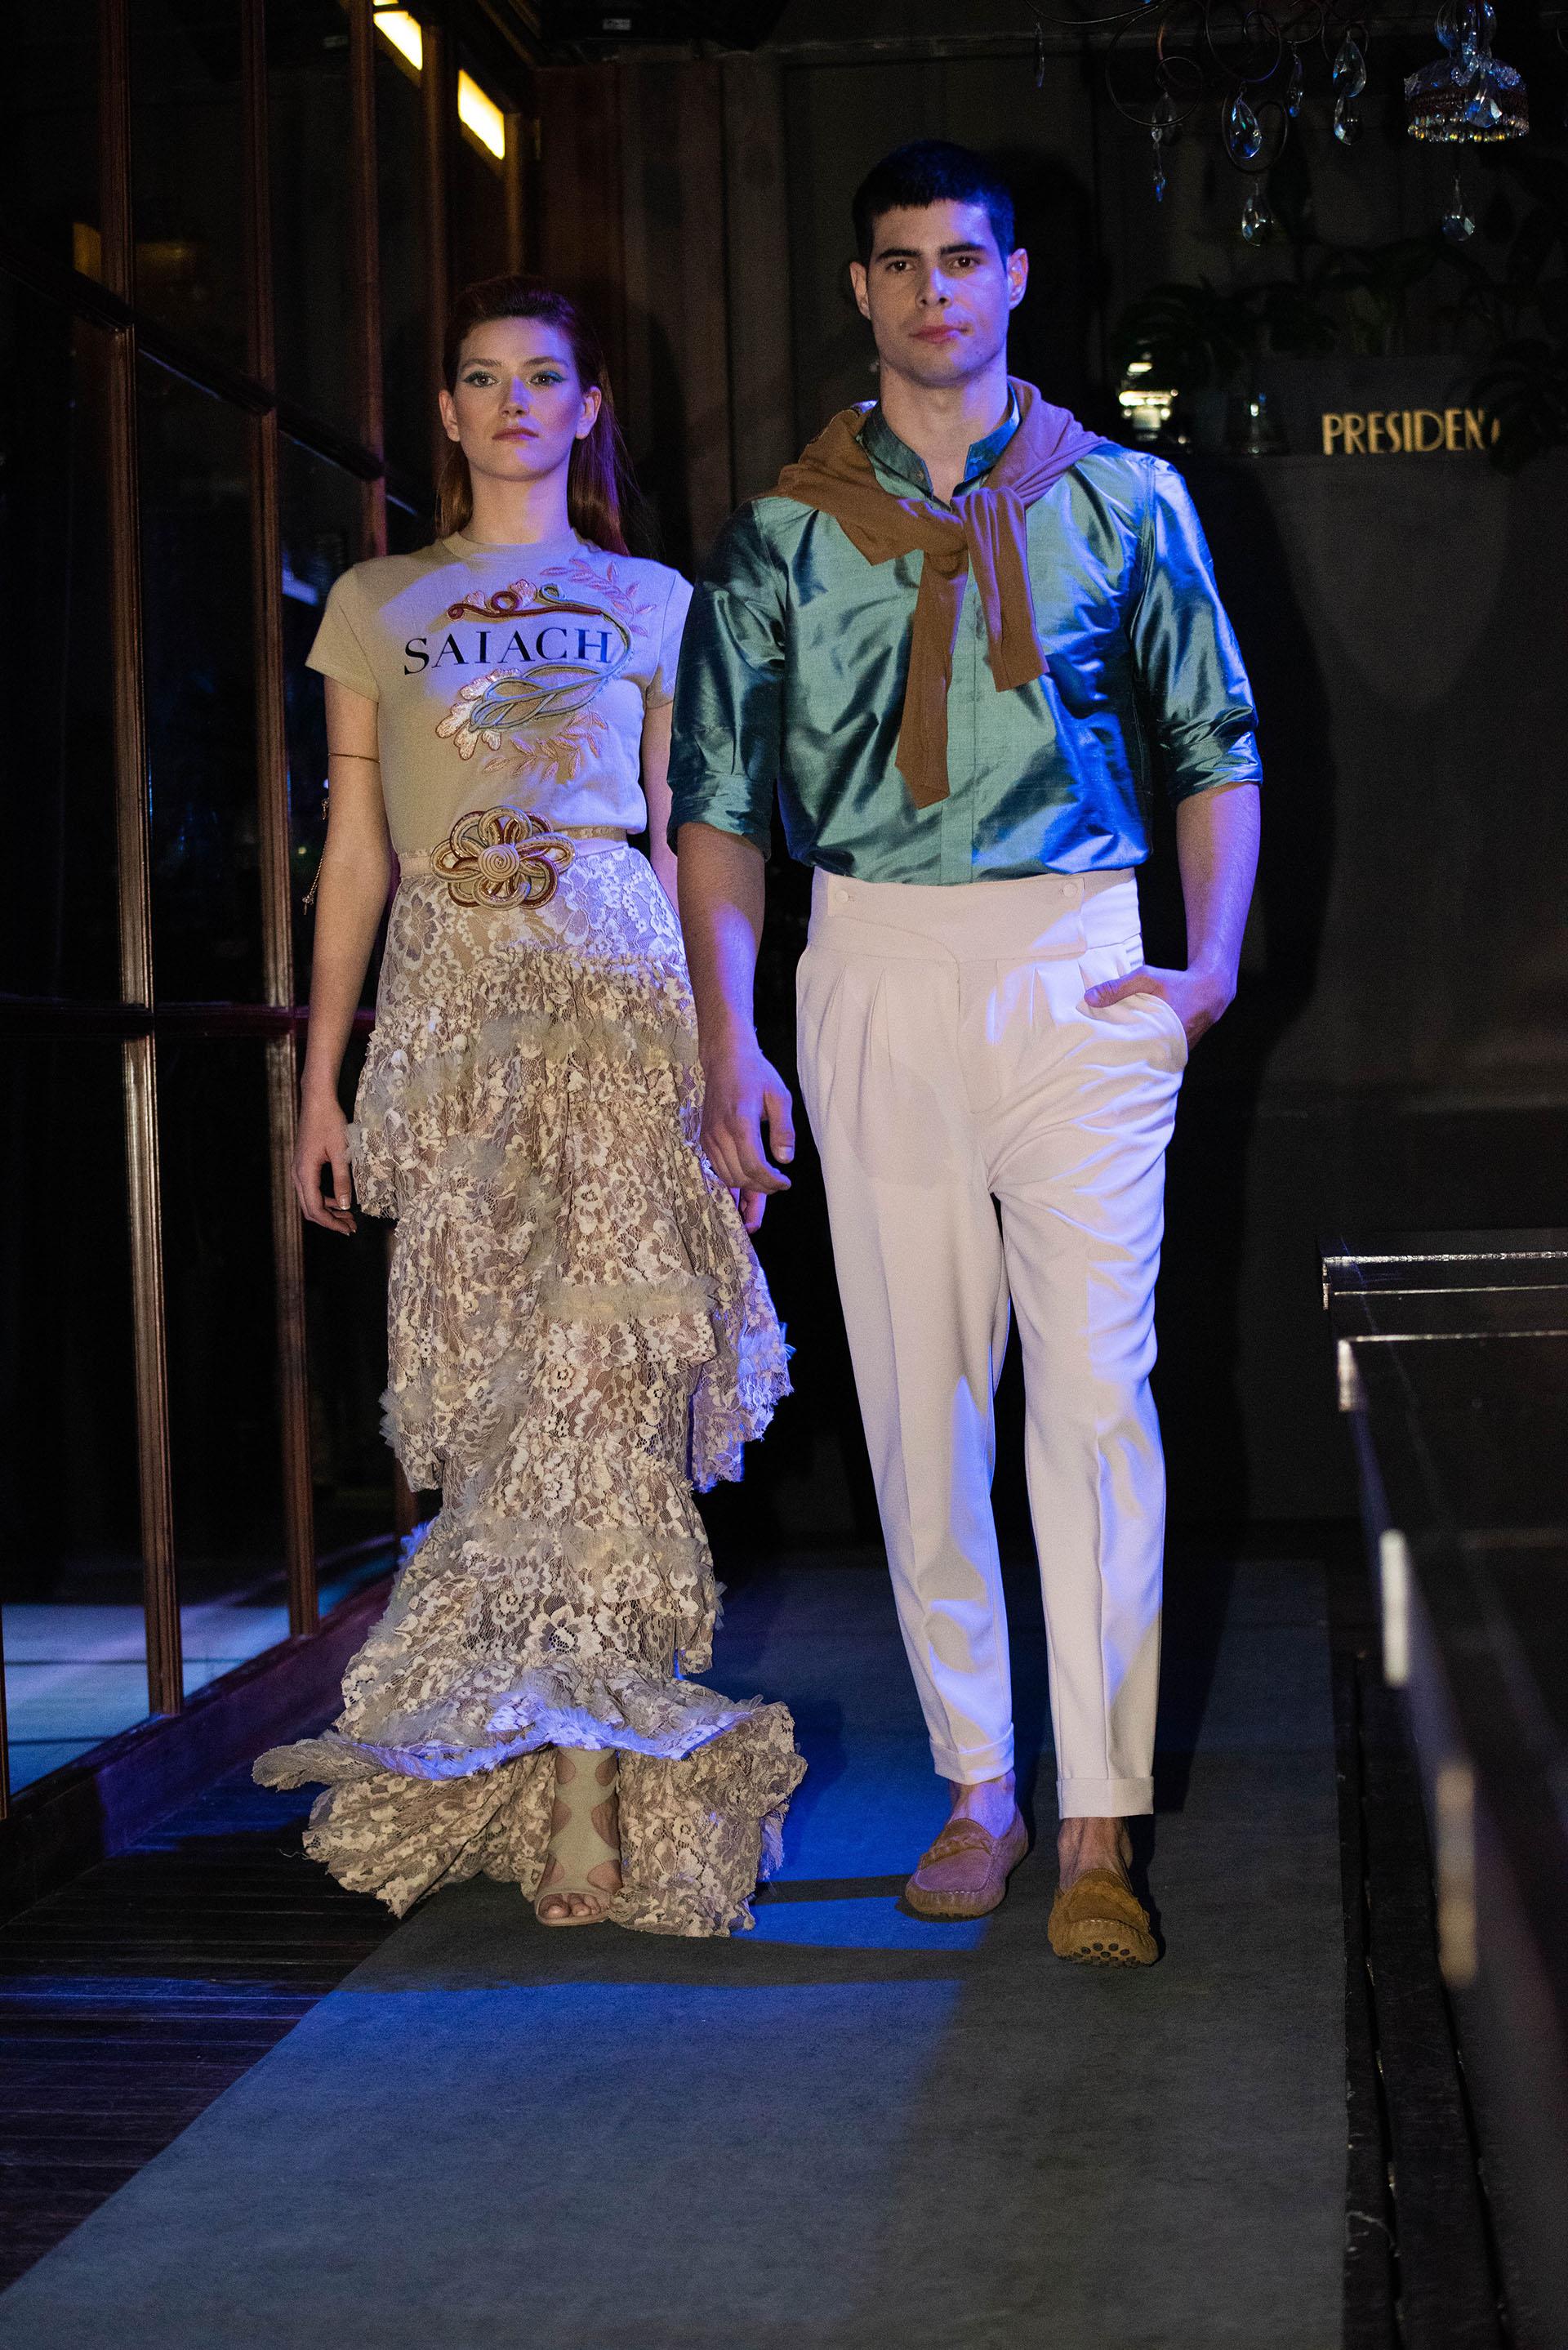 Además presentó un línea novedosa con prendas ready to wear y piezas unisex